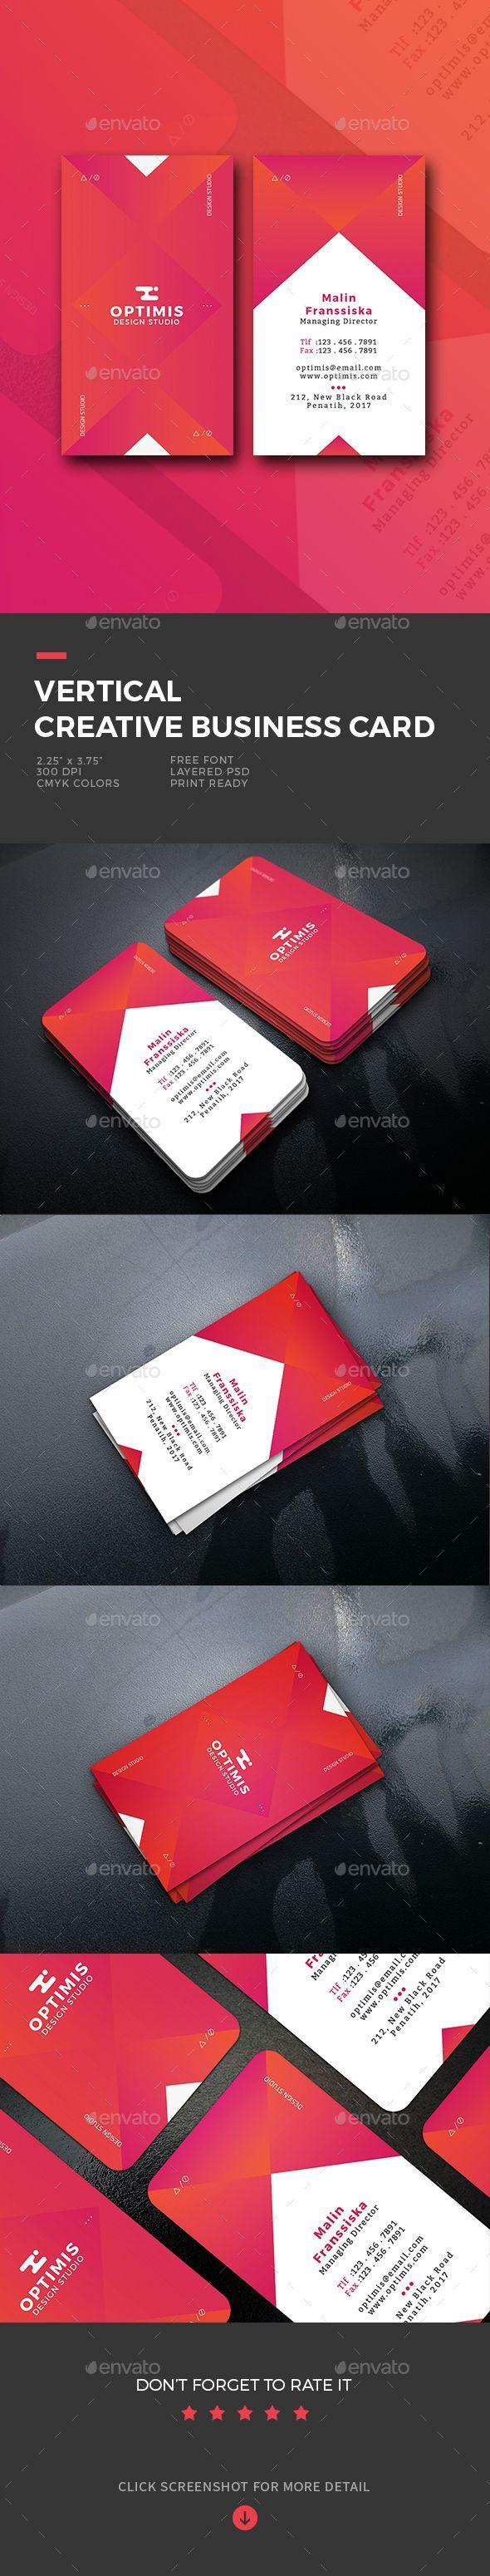 52 best Clean / Elegant Business Cards images on Pinterest | Elegant ...